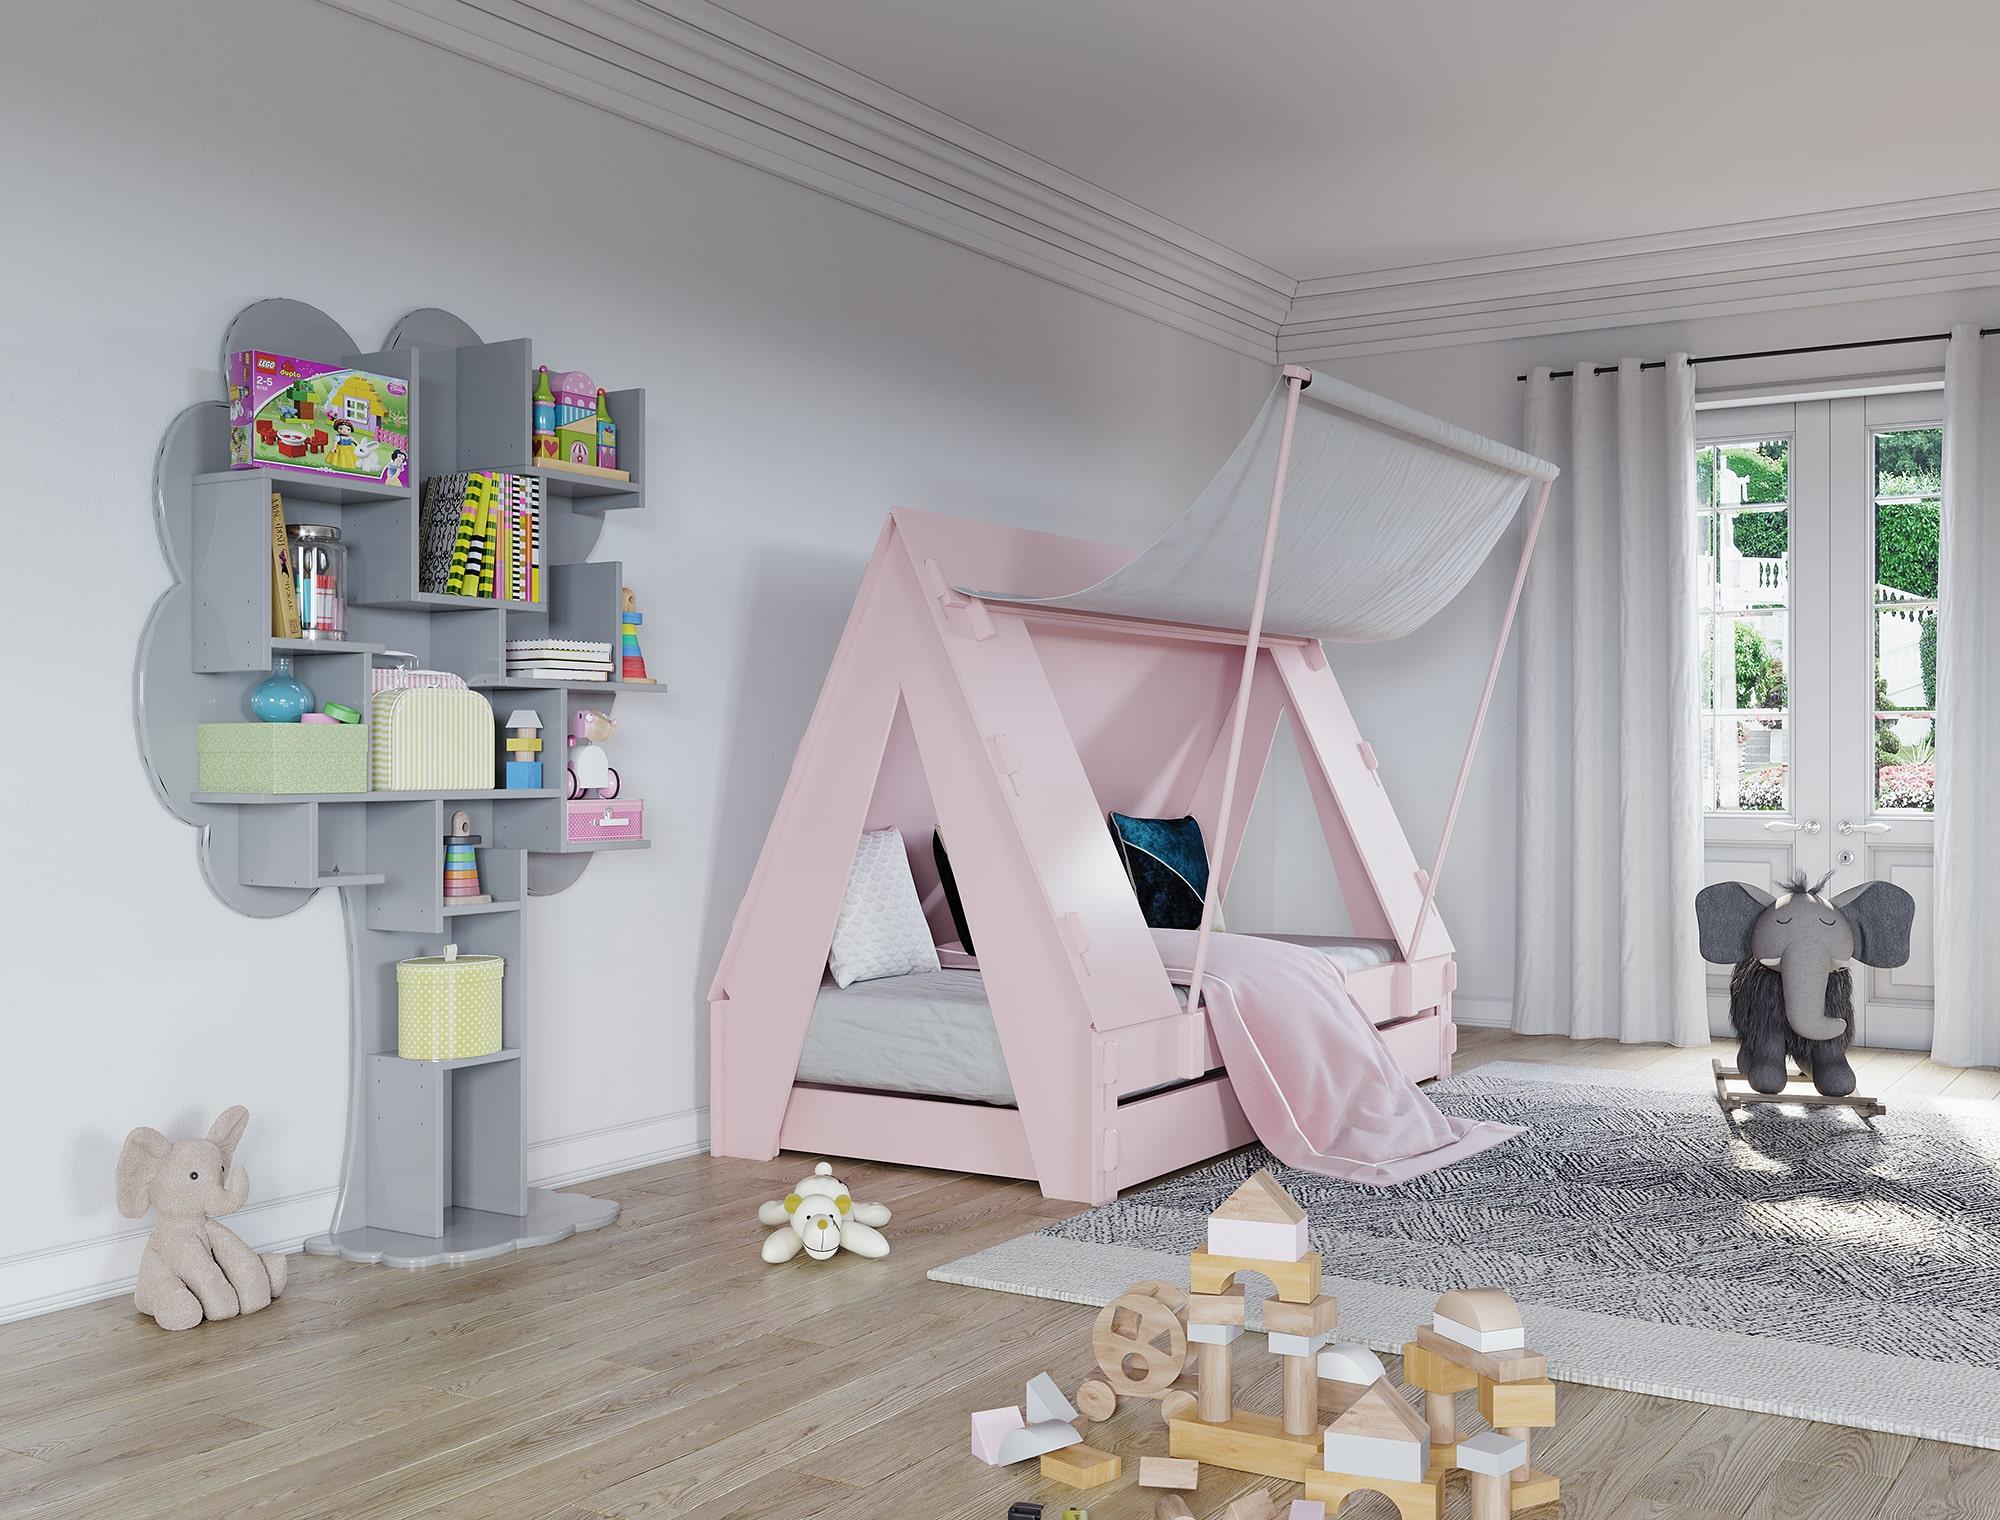 """Lit tente rose dans chambre d'enfant - """"Tent"""" Mathy by Bols"""